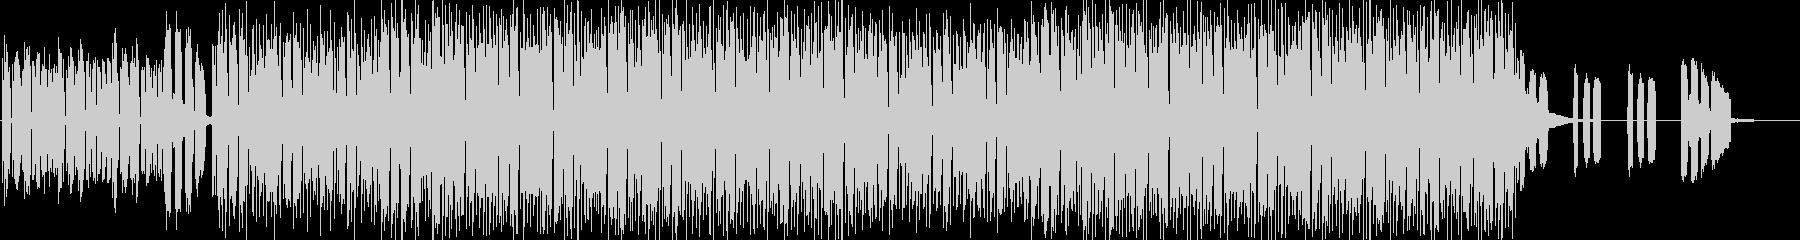 おしゃれなハウスミュージックの未再生の波形